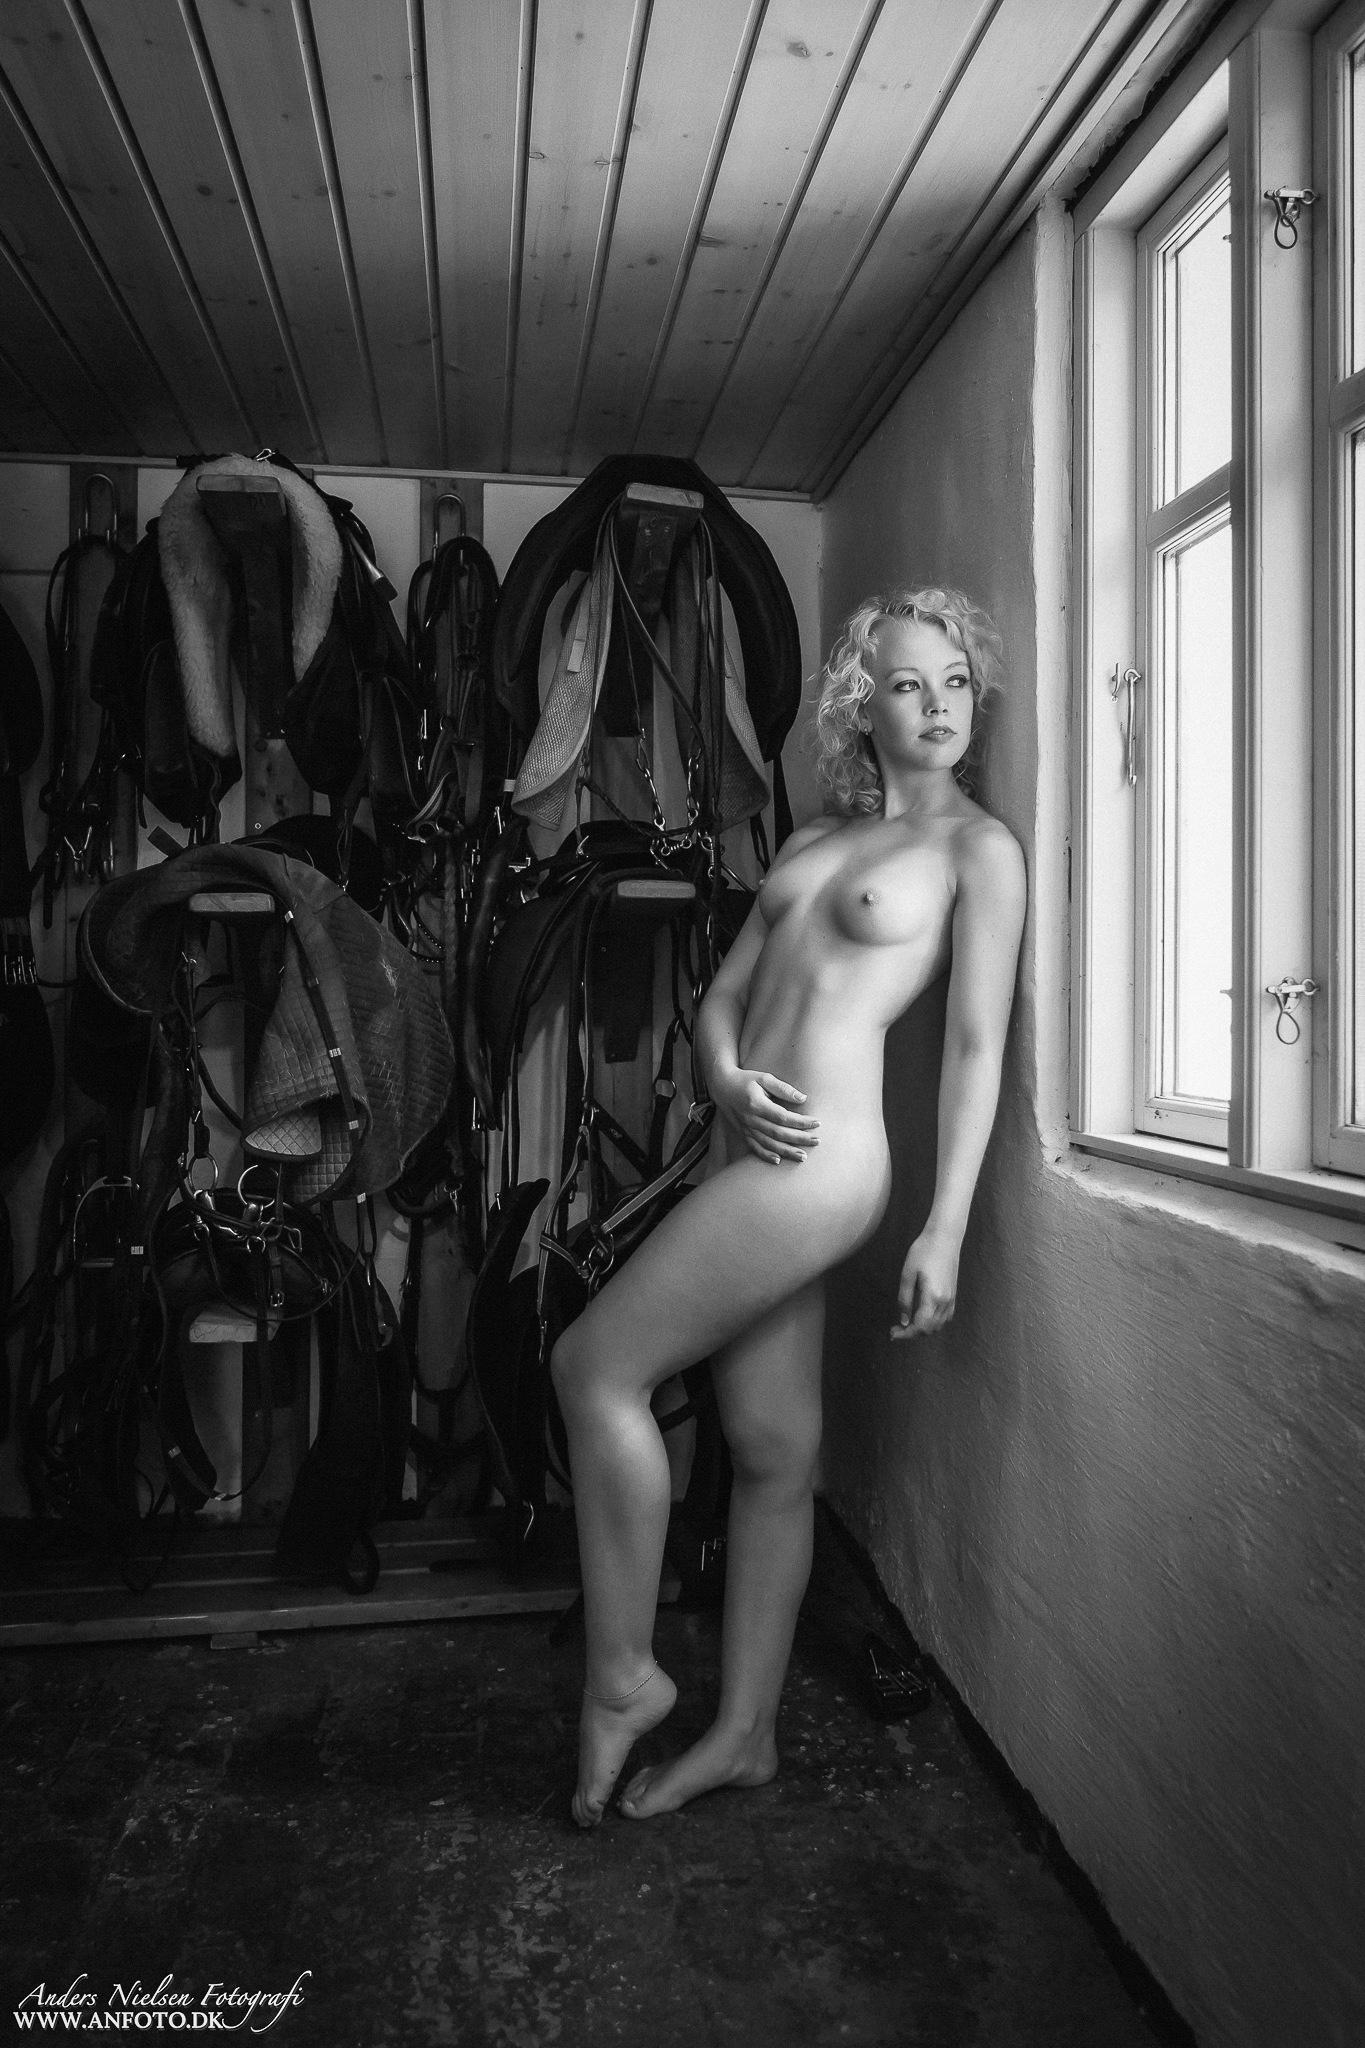 Stable Girl - II by Anders Nielsen Fotografi